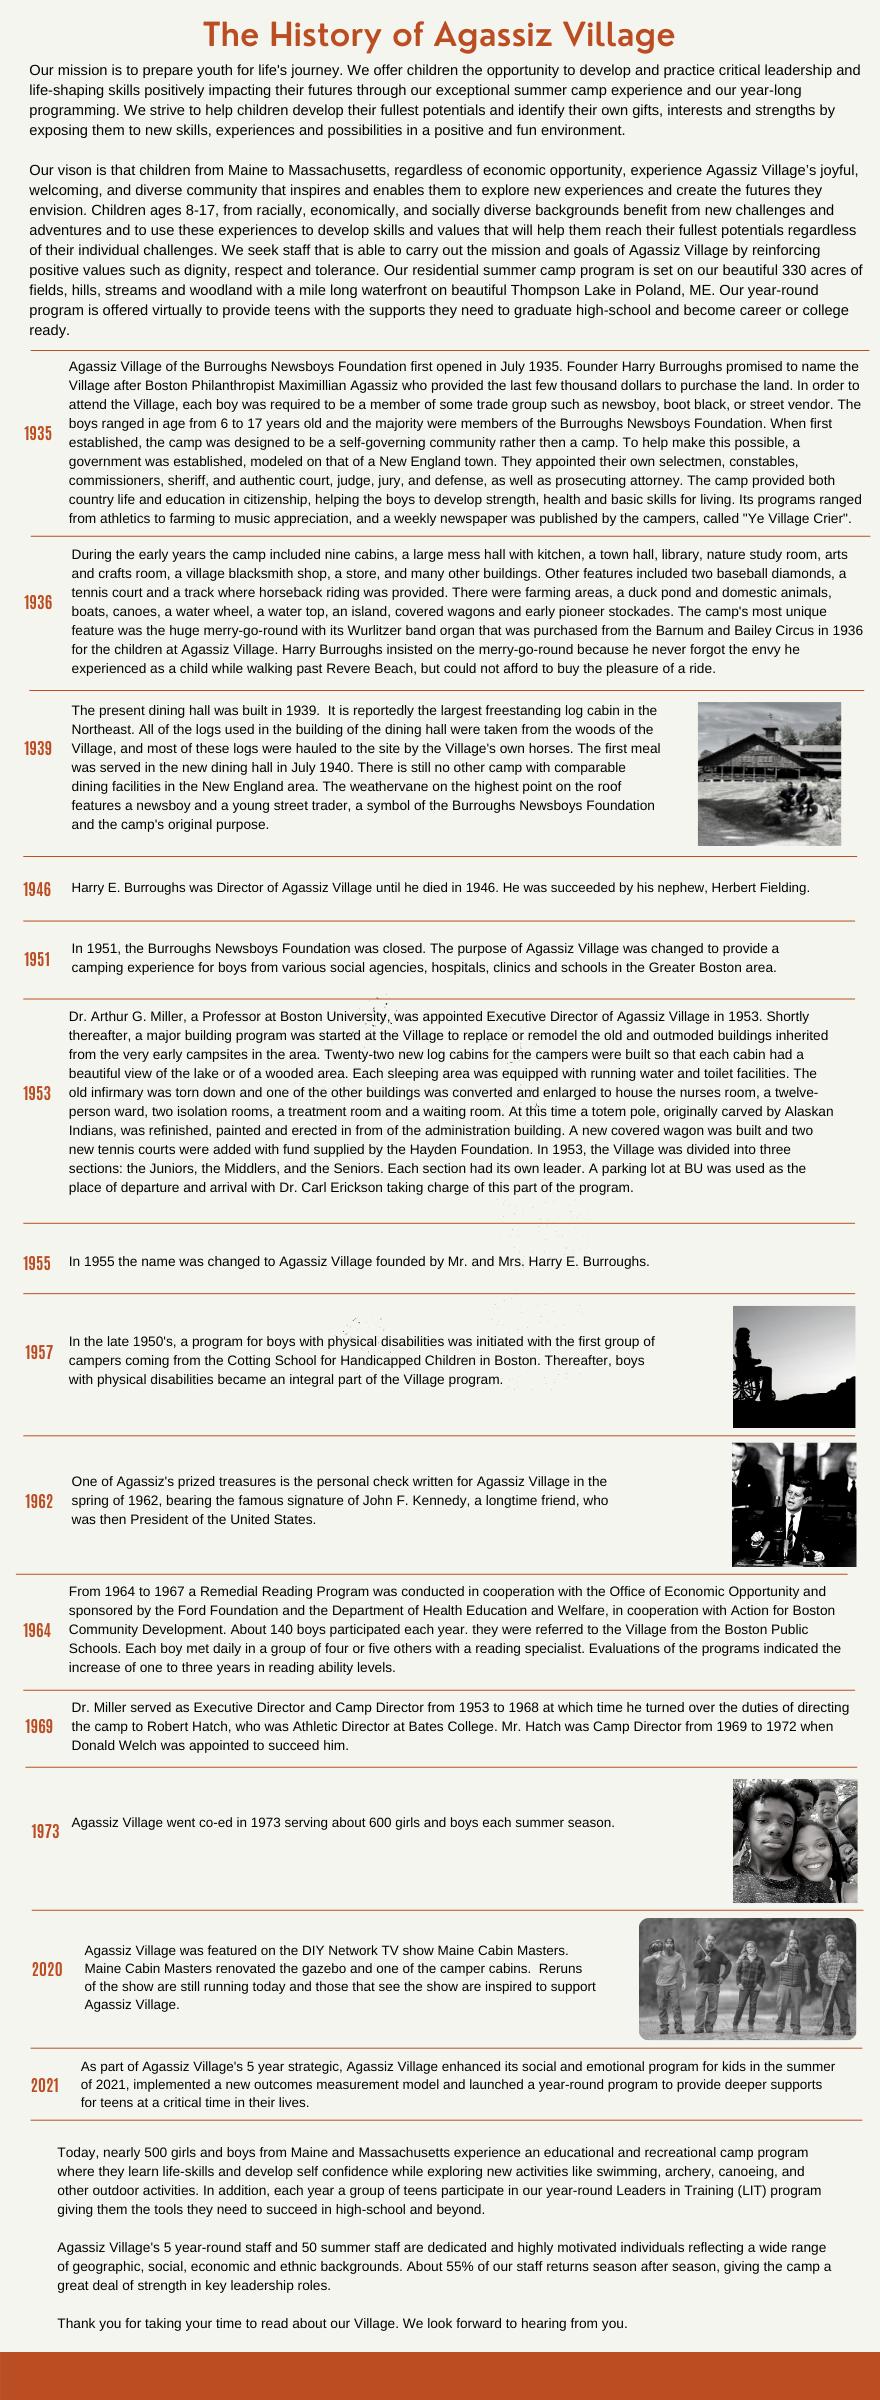 Agassiz Village  History Timeline.png